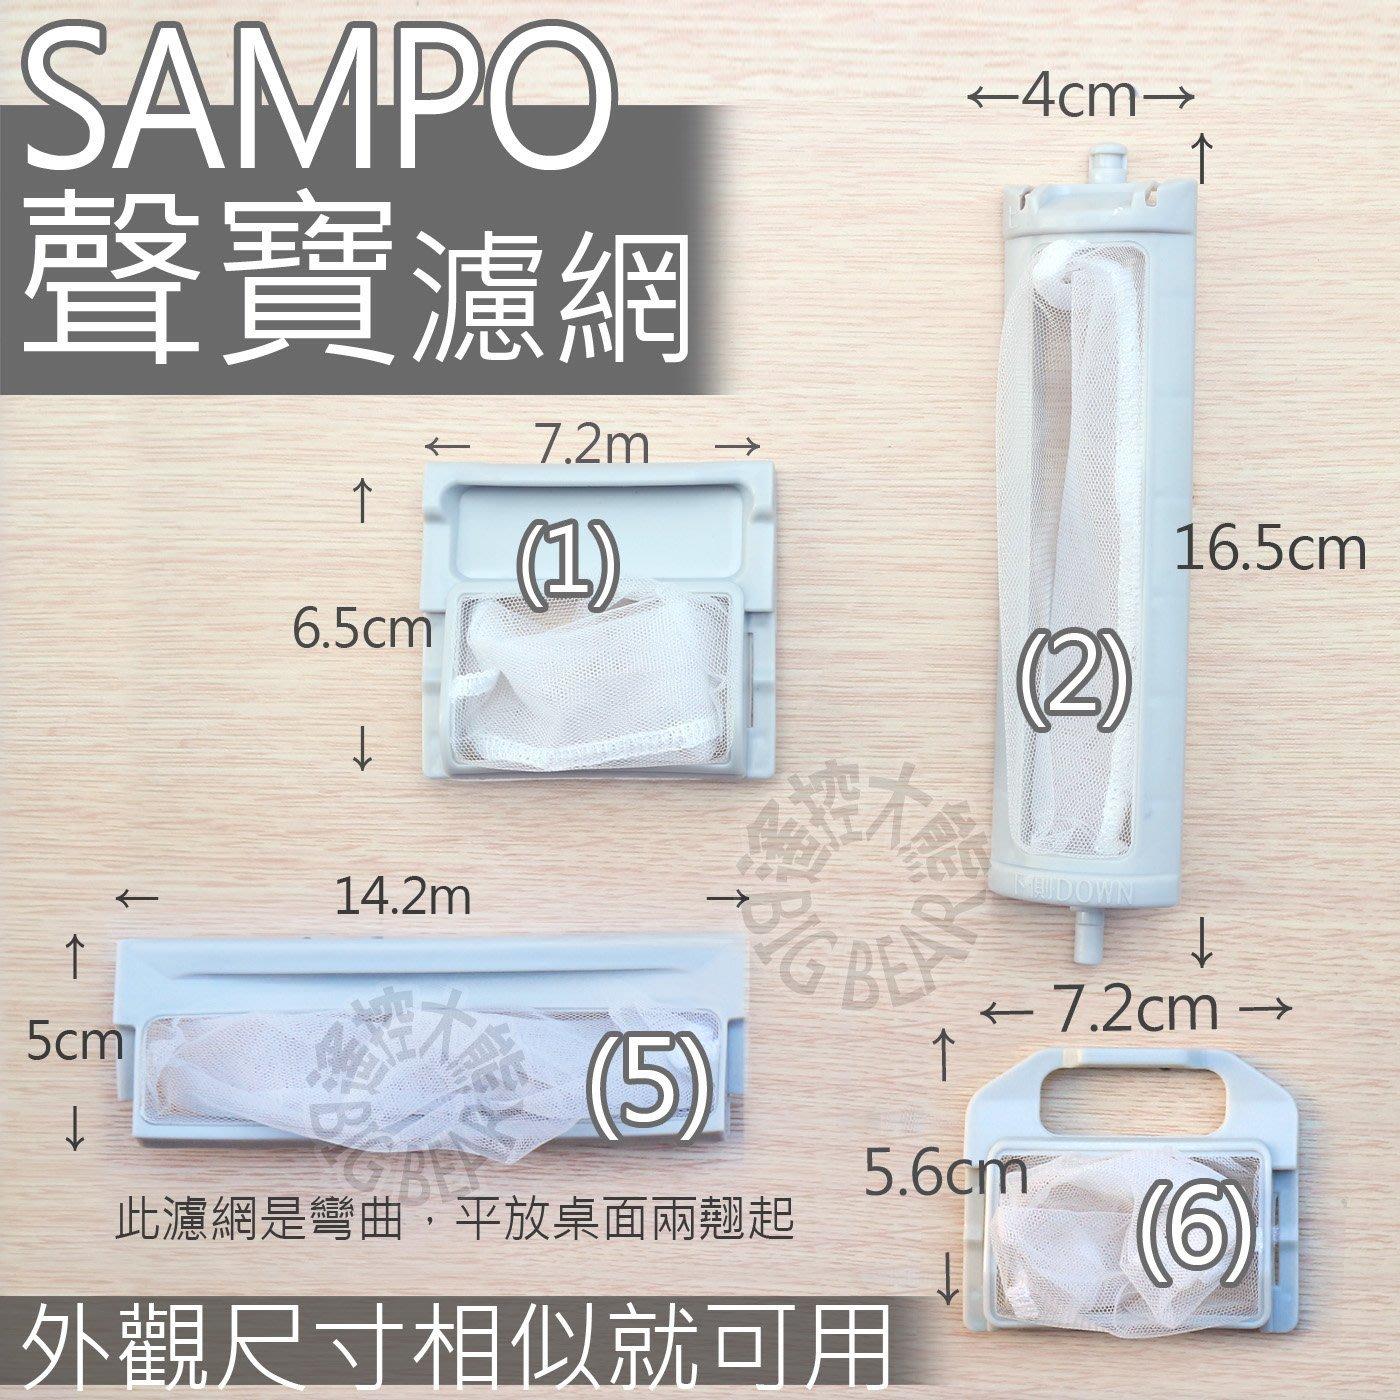 【2個郵寄$100】SAMPO 聲寶洗衣機濾網棉絮過濾網過濾網洗衣機濾網